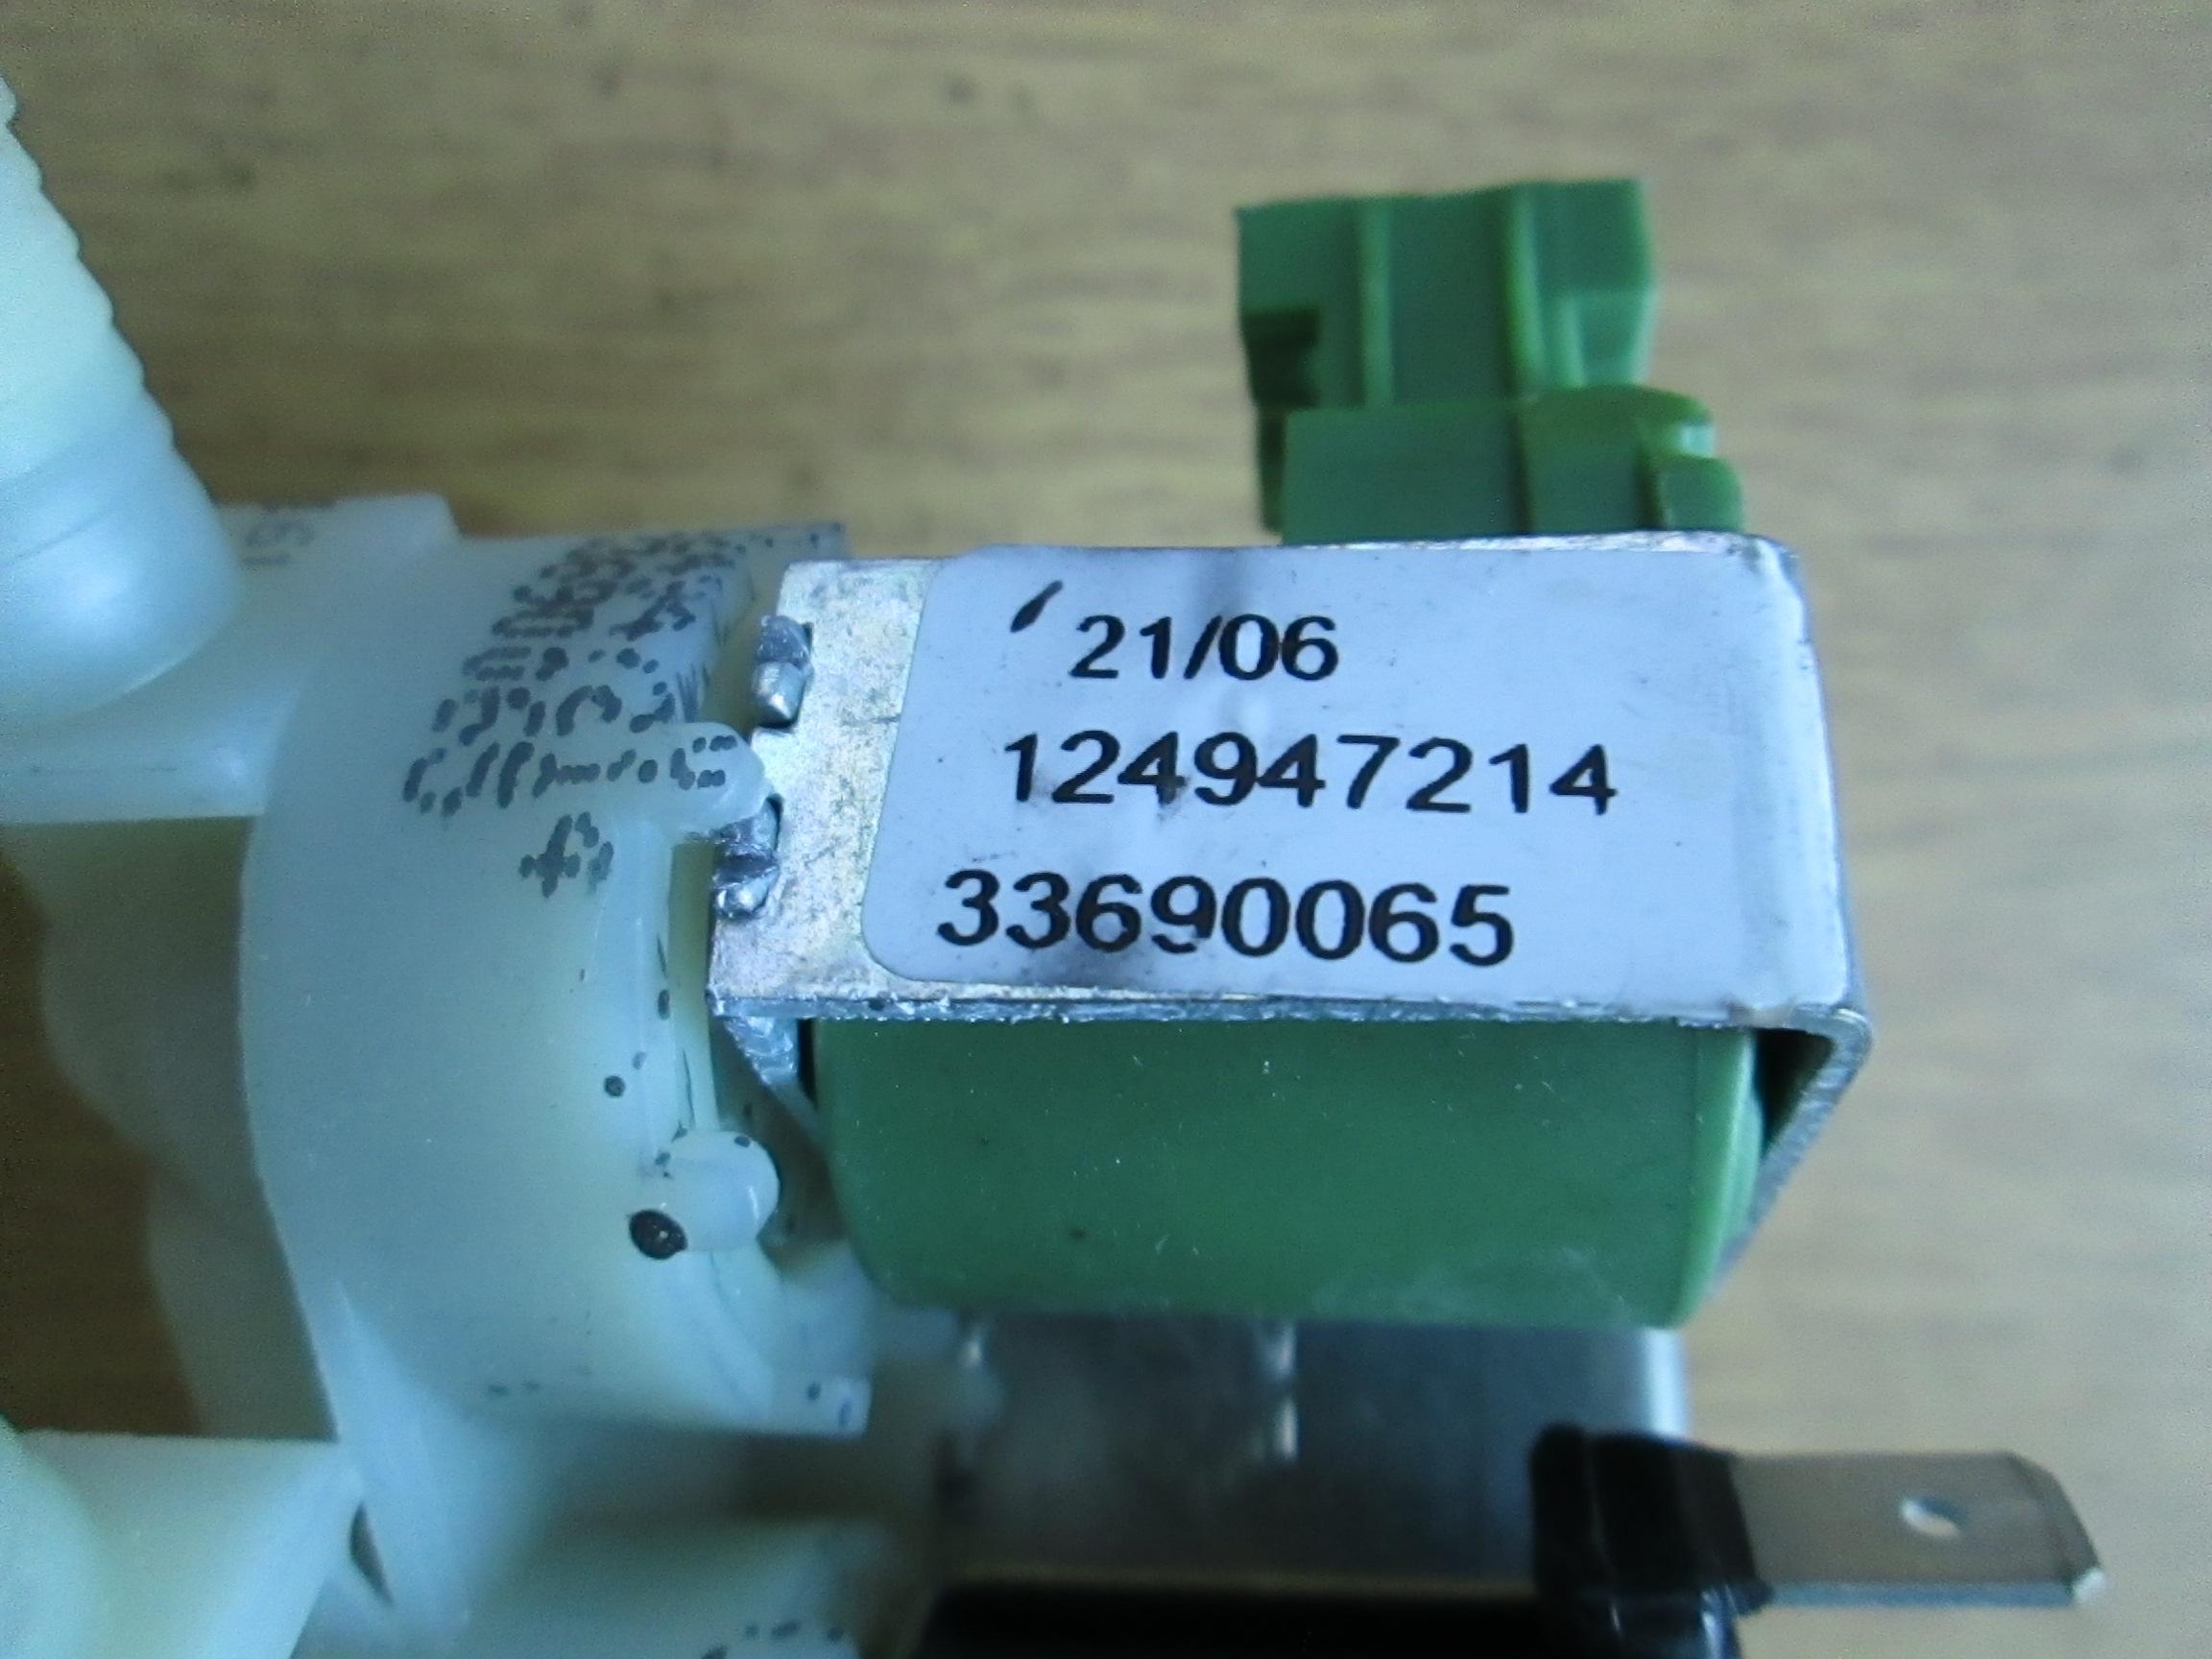 Details about  /GENUINE AEG WASHING MACHINE 3 WAY SOLONOID VALVE 1249472141